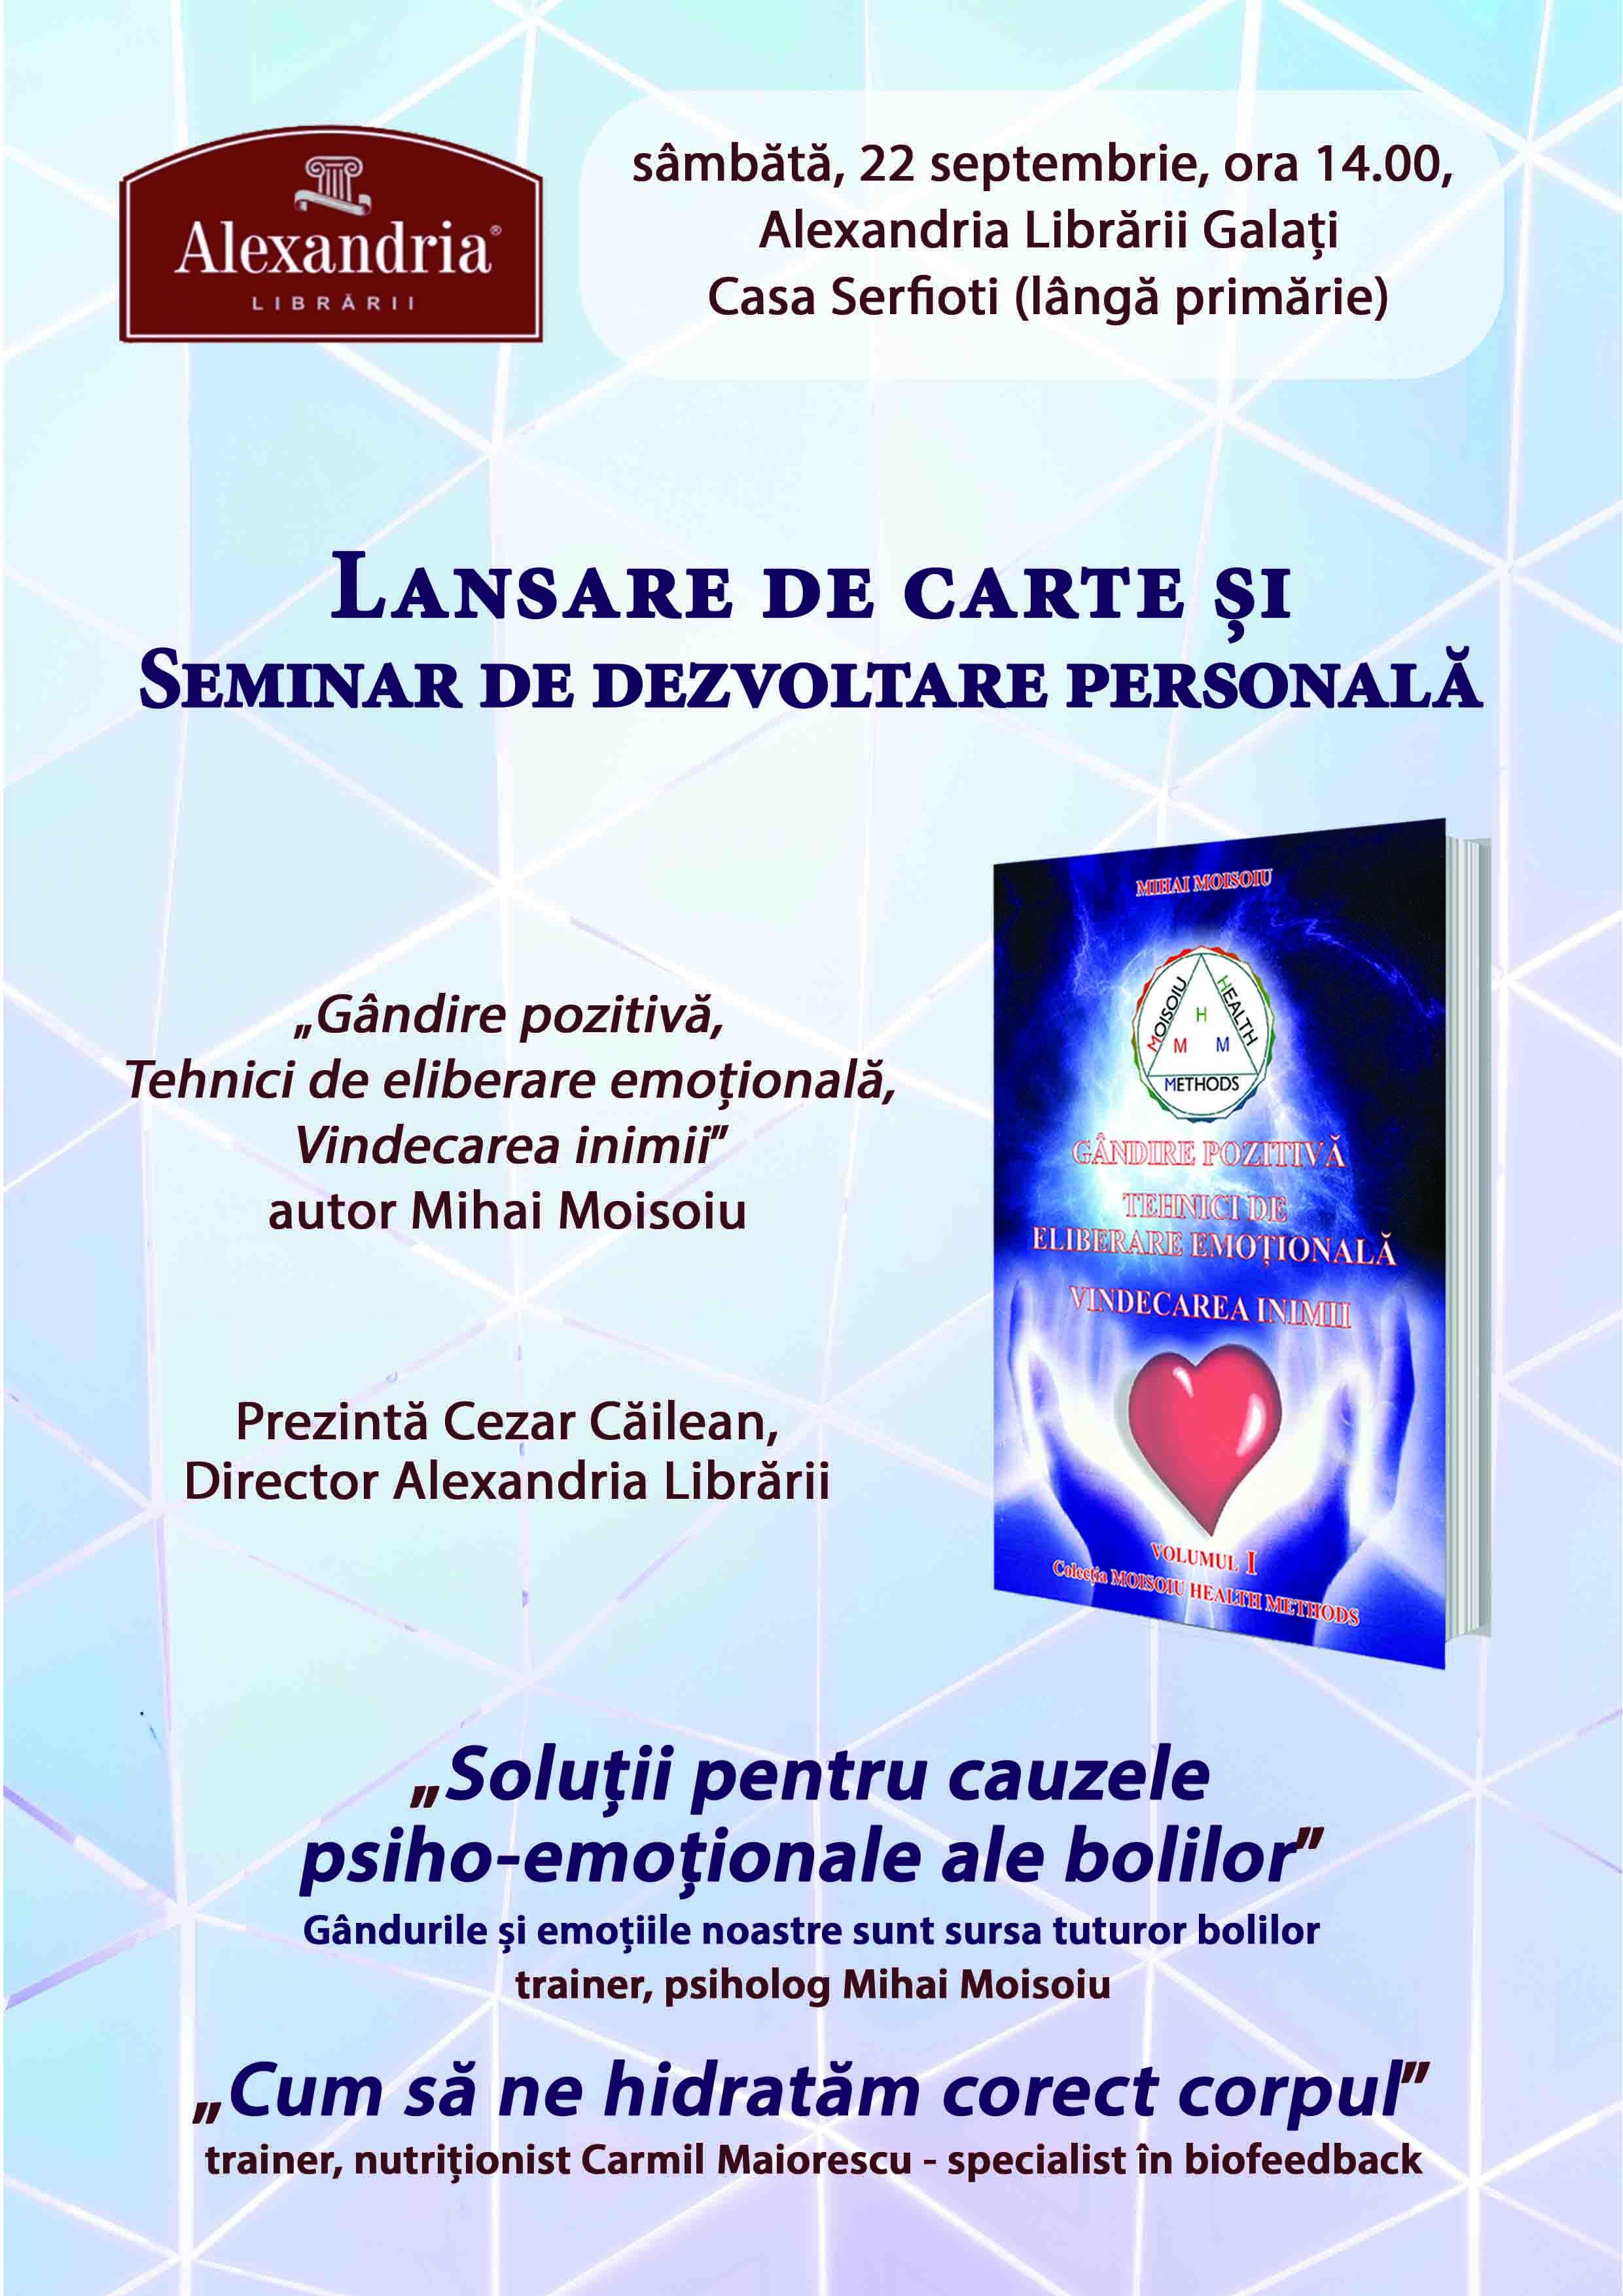 Lansare de carte și seminar de dezvoltare personală 22 septembrie 2018, ora 14.00, Casa Serfioti (lângă primarie) Galați